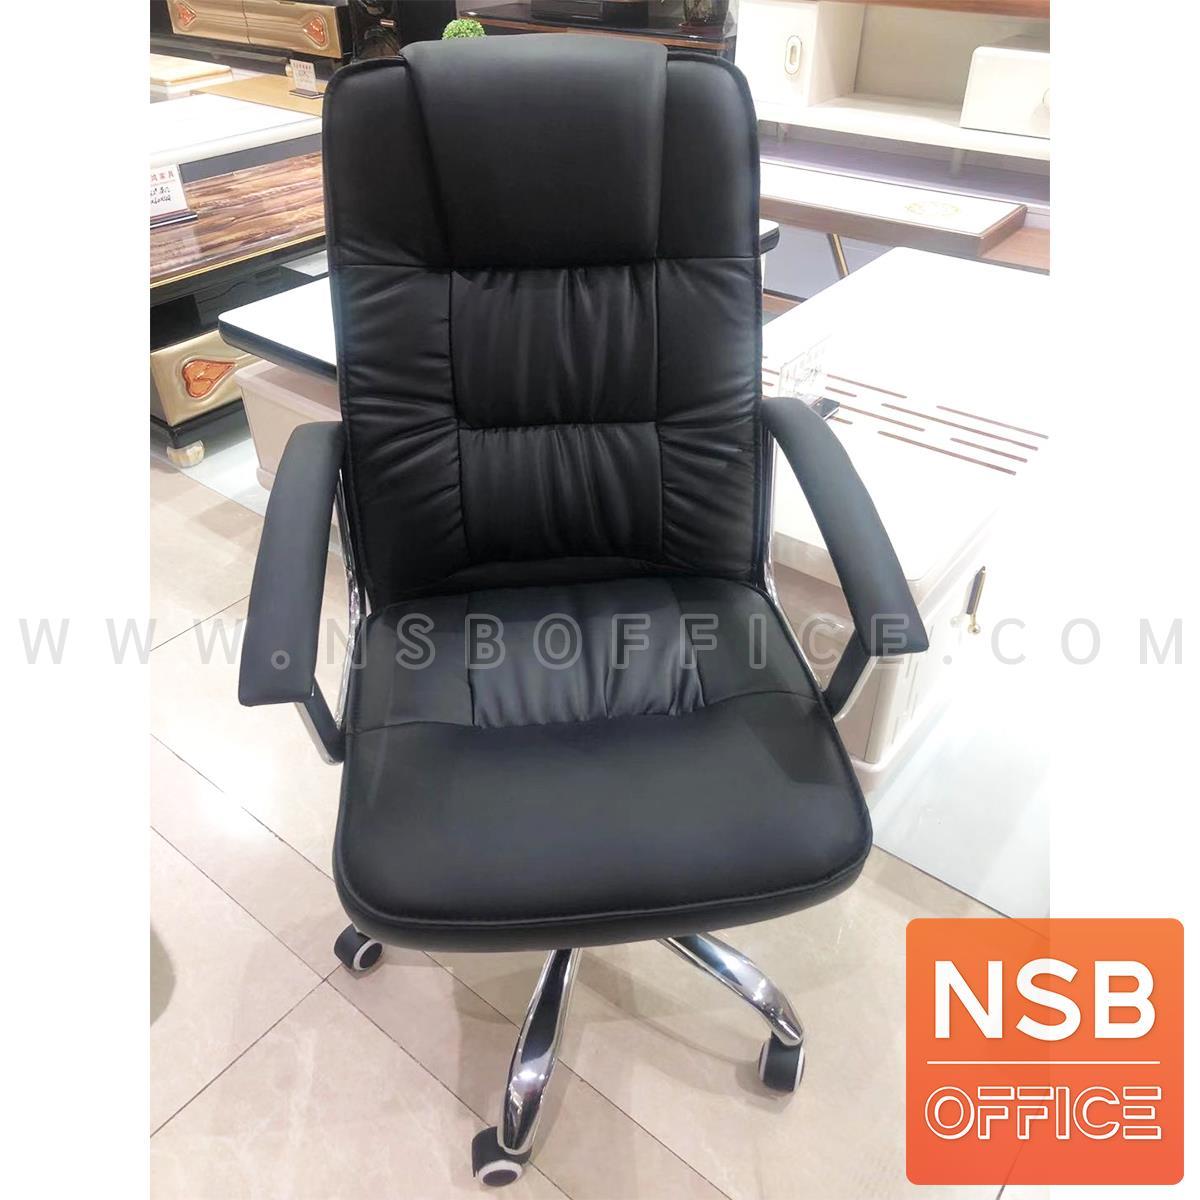 B01A534:เก้าอี้ผู้บริหาร รุ่น Blackthorn (แบล็กตรอน)  โช๊คแก๊ส ก้อนโยก ขาเหล็กชุบโครเมี่ยม